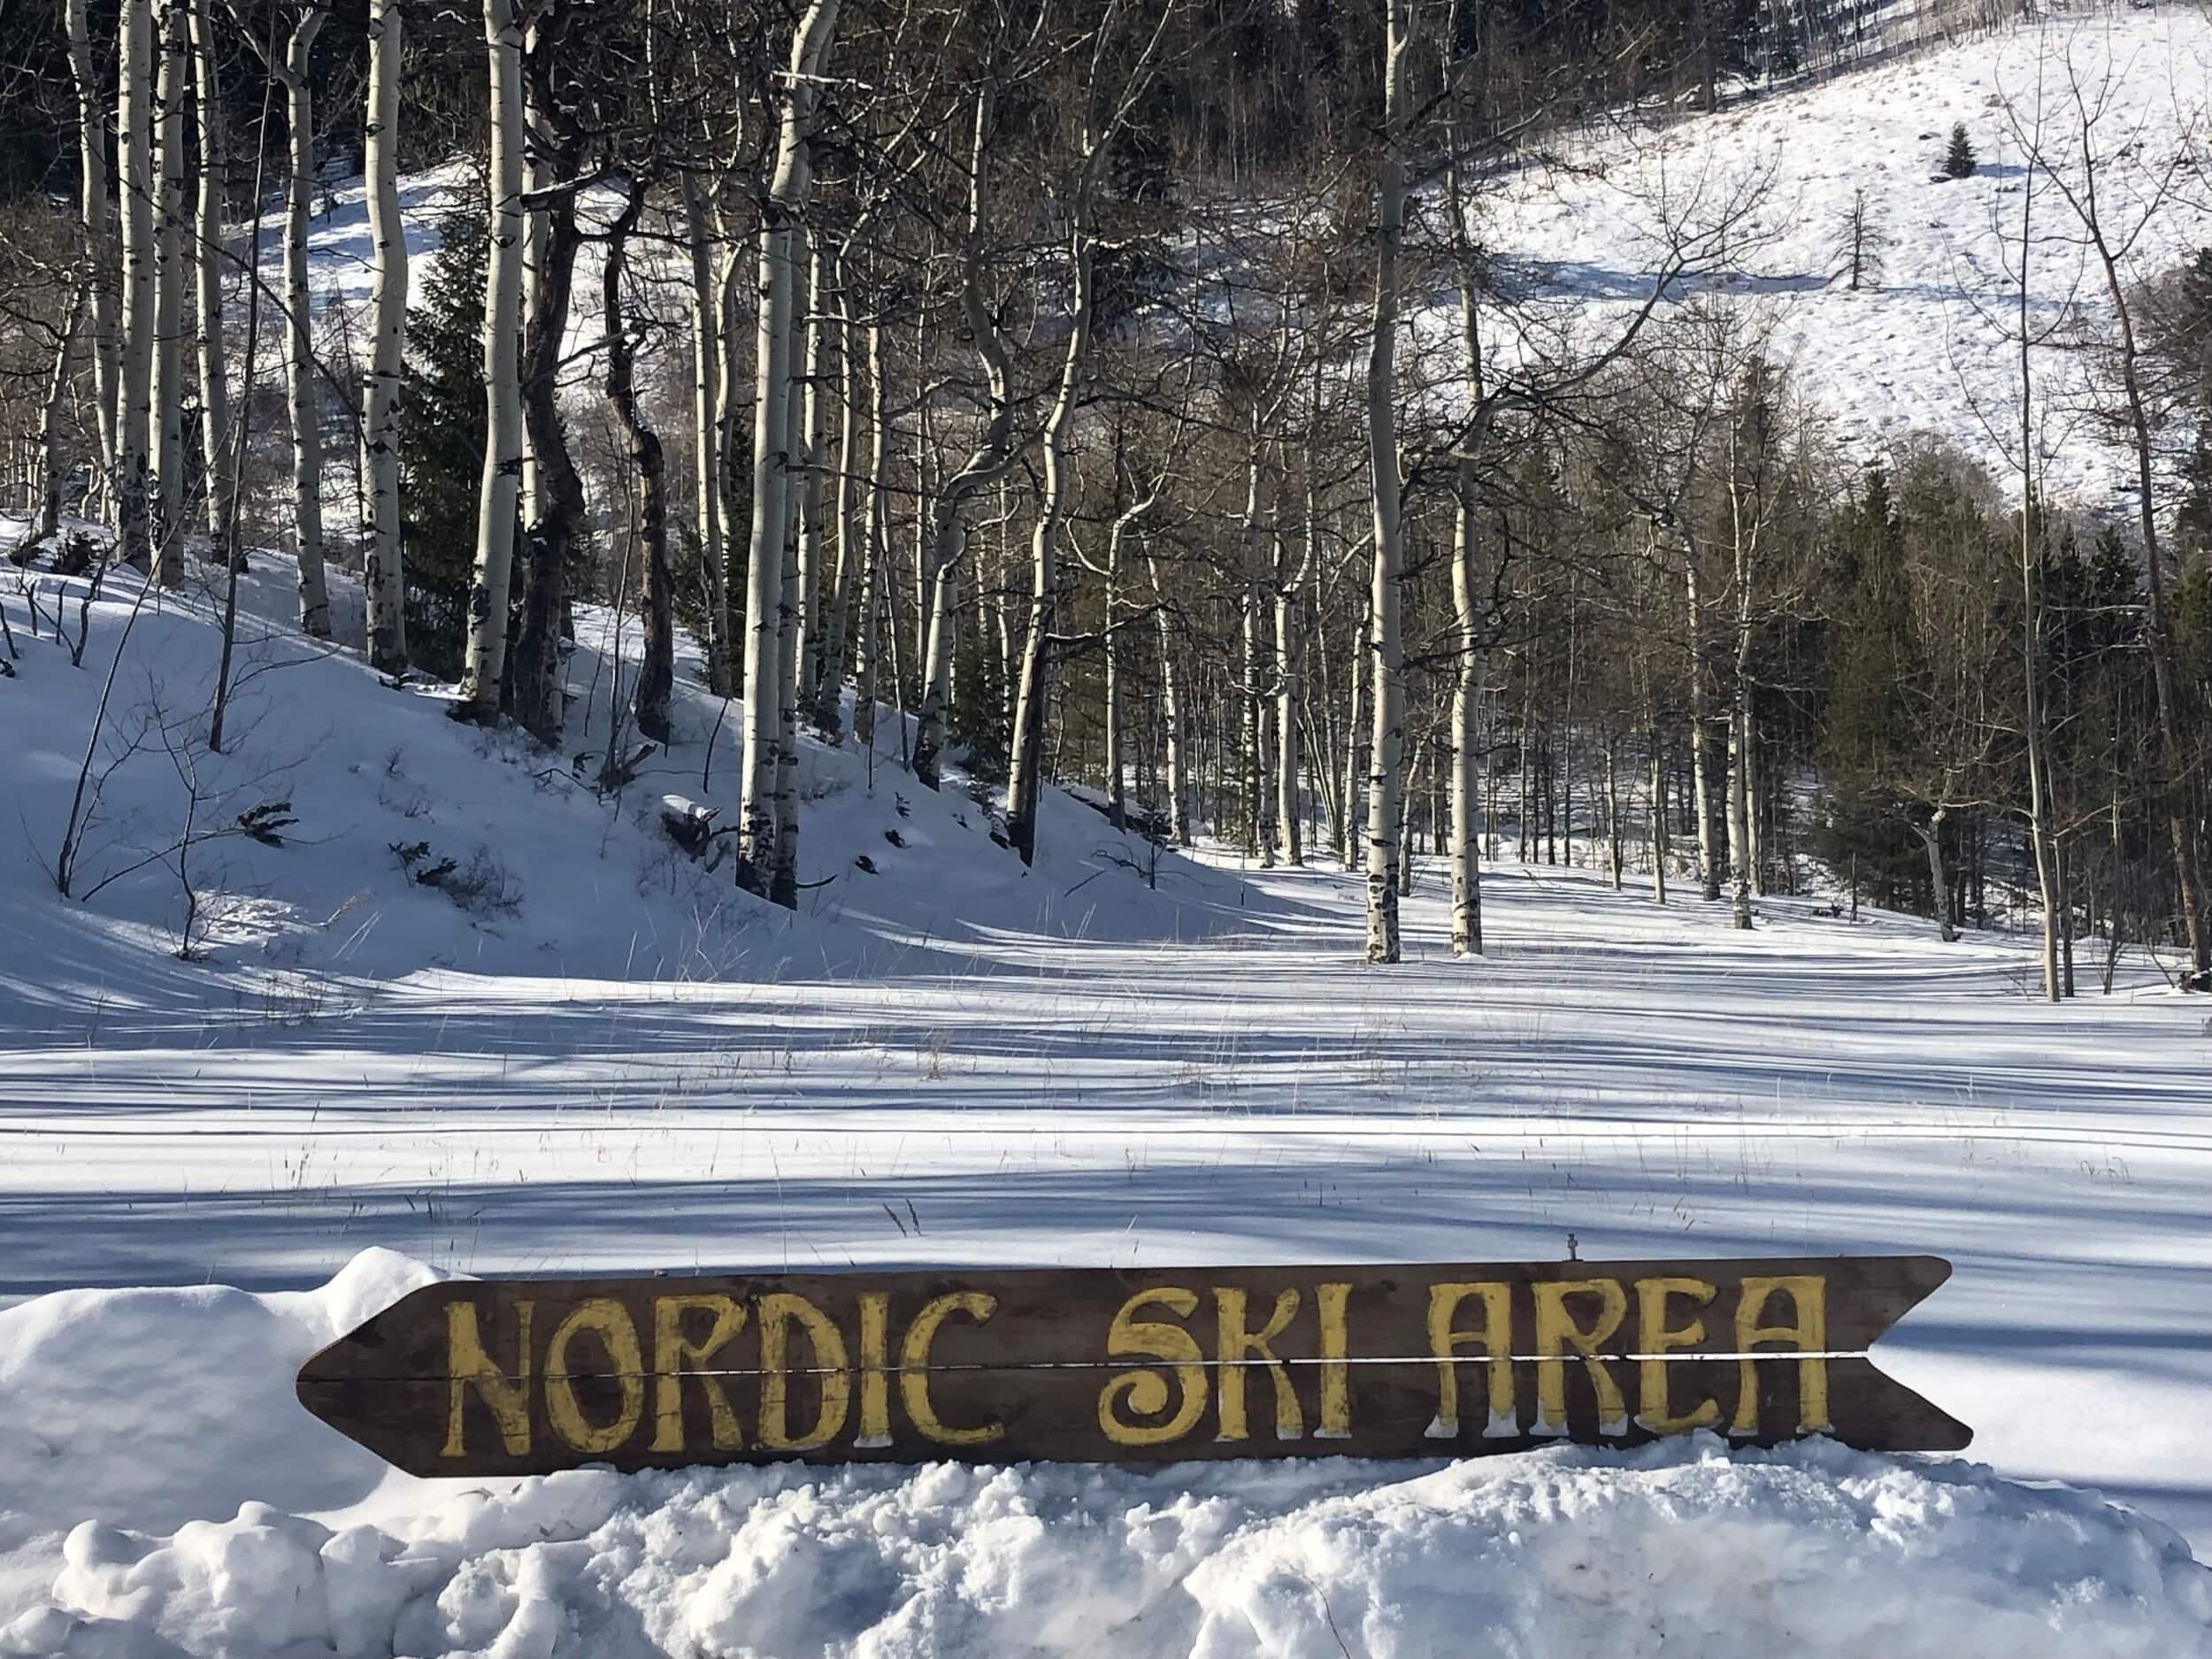 Nordic Ski Area 2500px webop.jpg